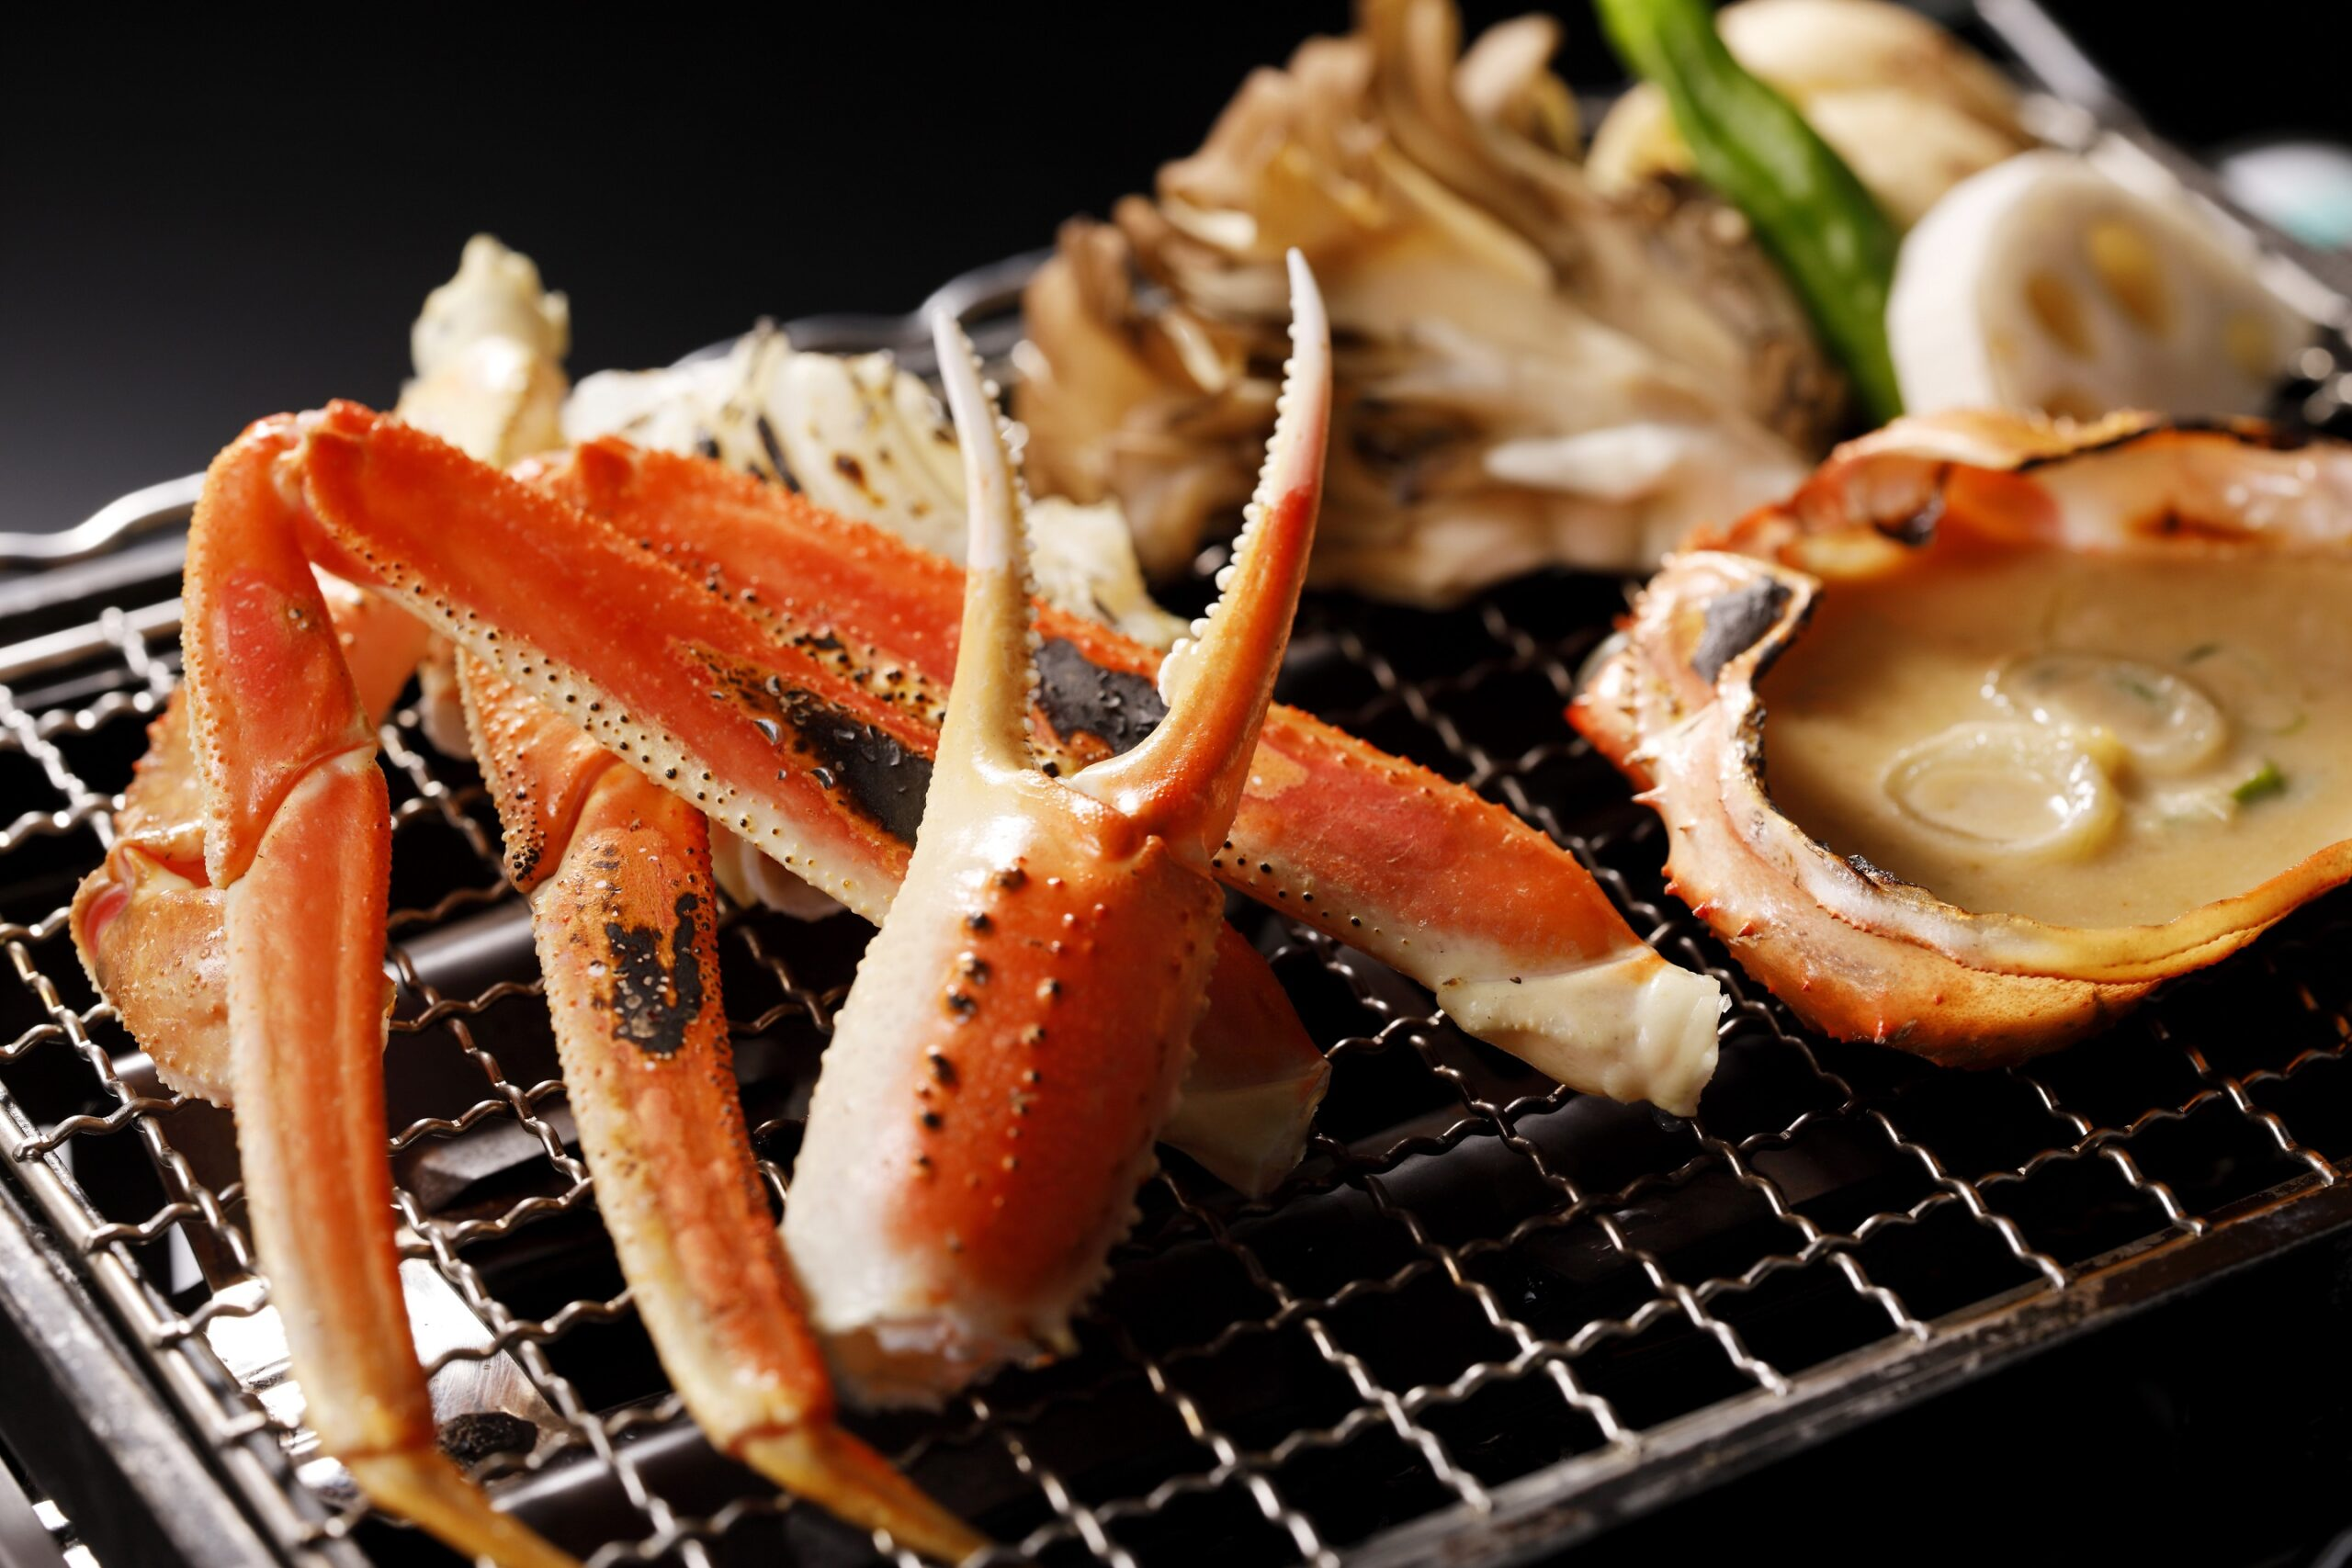 〈期間限定〉北陸の味覚!絶品「蟹」夕食コースと朝食付きプラン【1泊2食付】